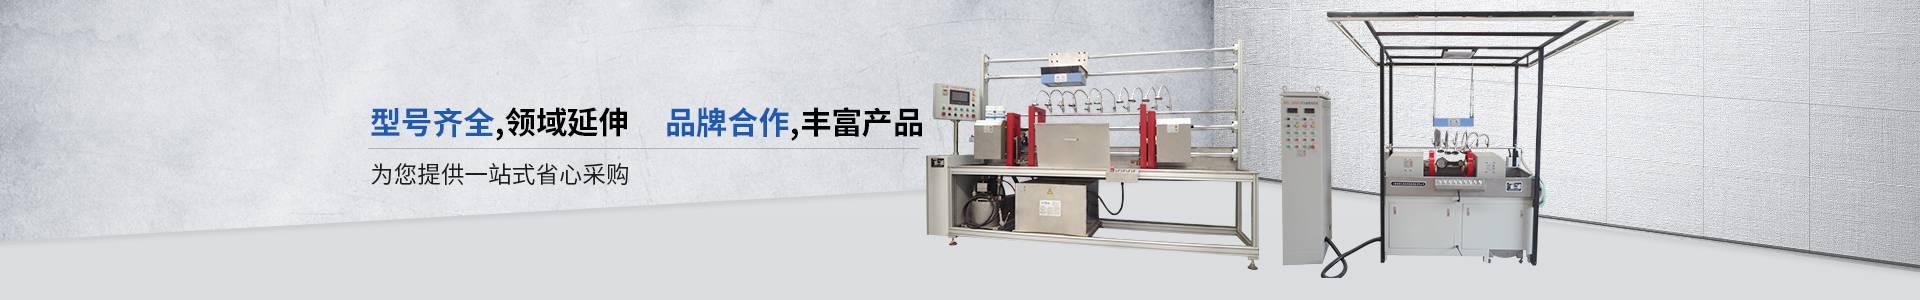 江苏磁锋无损检测设备制造有限公司